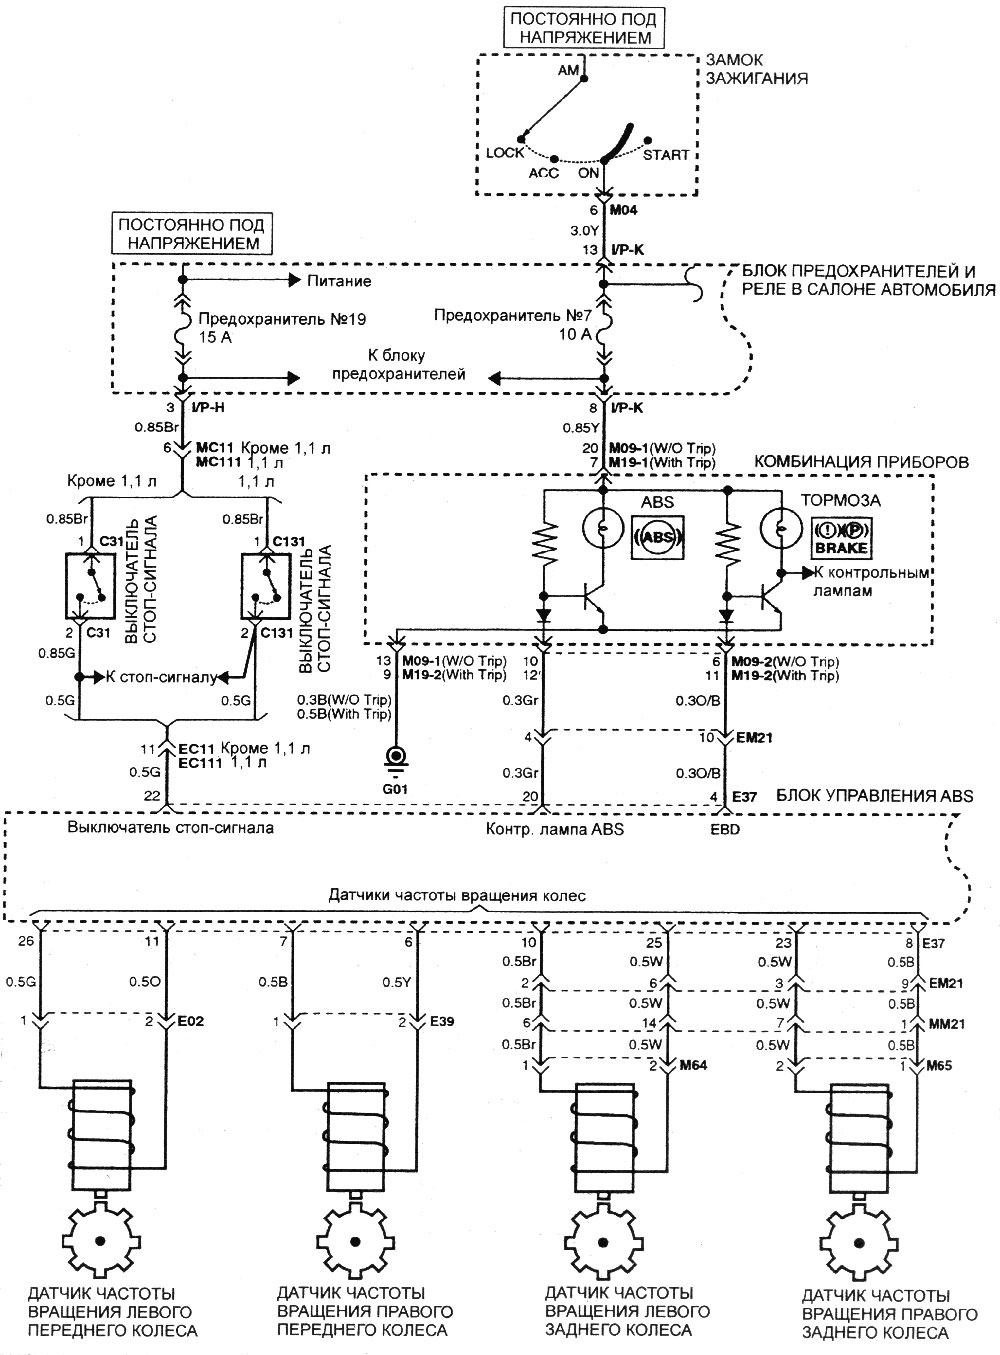 Все сервис-мануалы, принципиальные электрические схемы и инструкции хранятся в каталоге в формате.